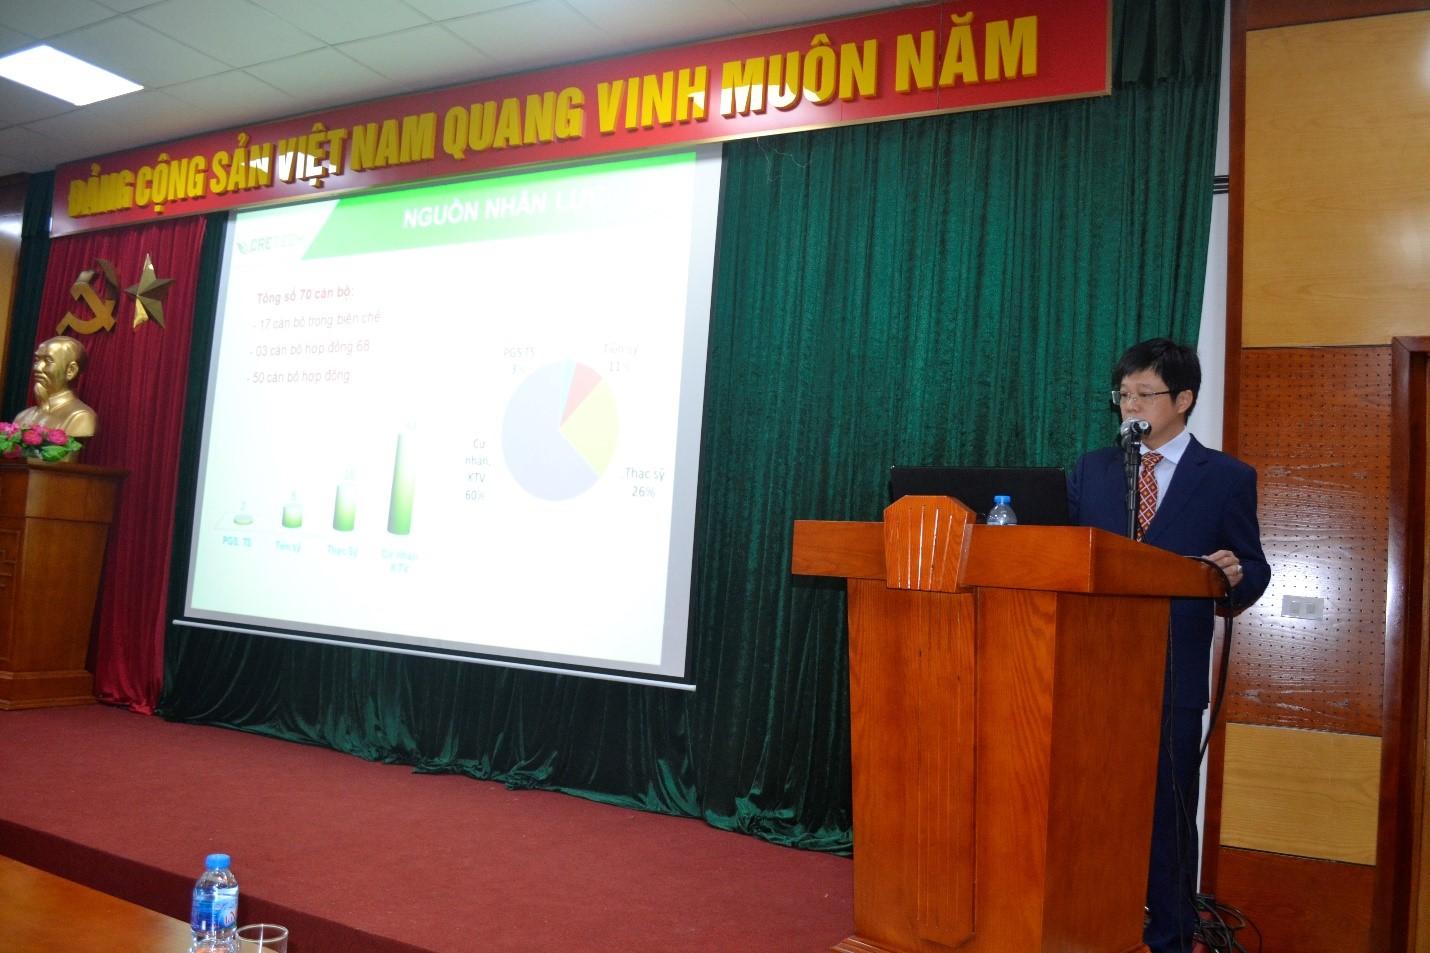 PGS. TS Nguyễn Tiến Đạt, Phó Giám đốc Trung Tâm trình bày báo cáo tổng kết công tác năm 2019 và triển khai kế hoạch năm 2020